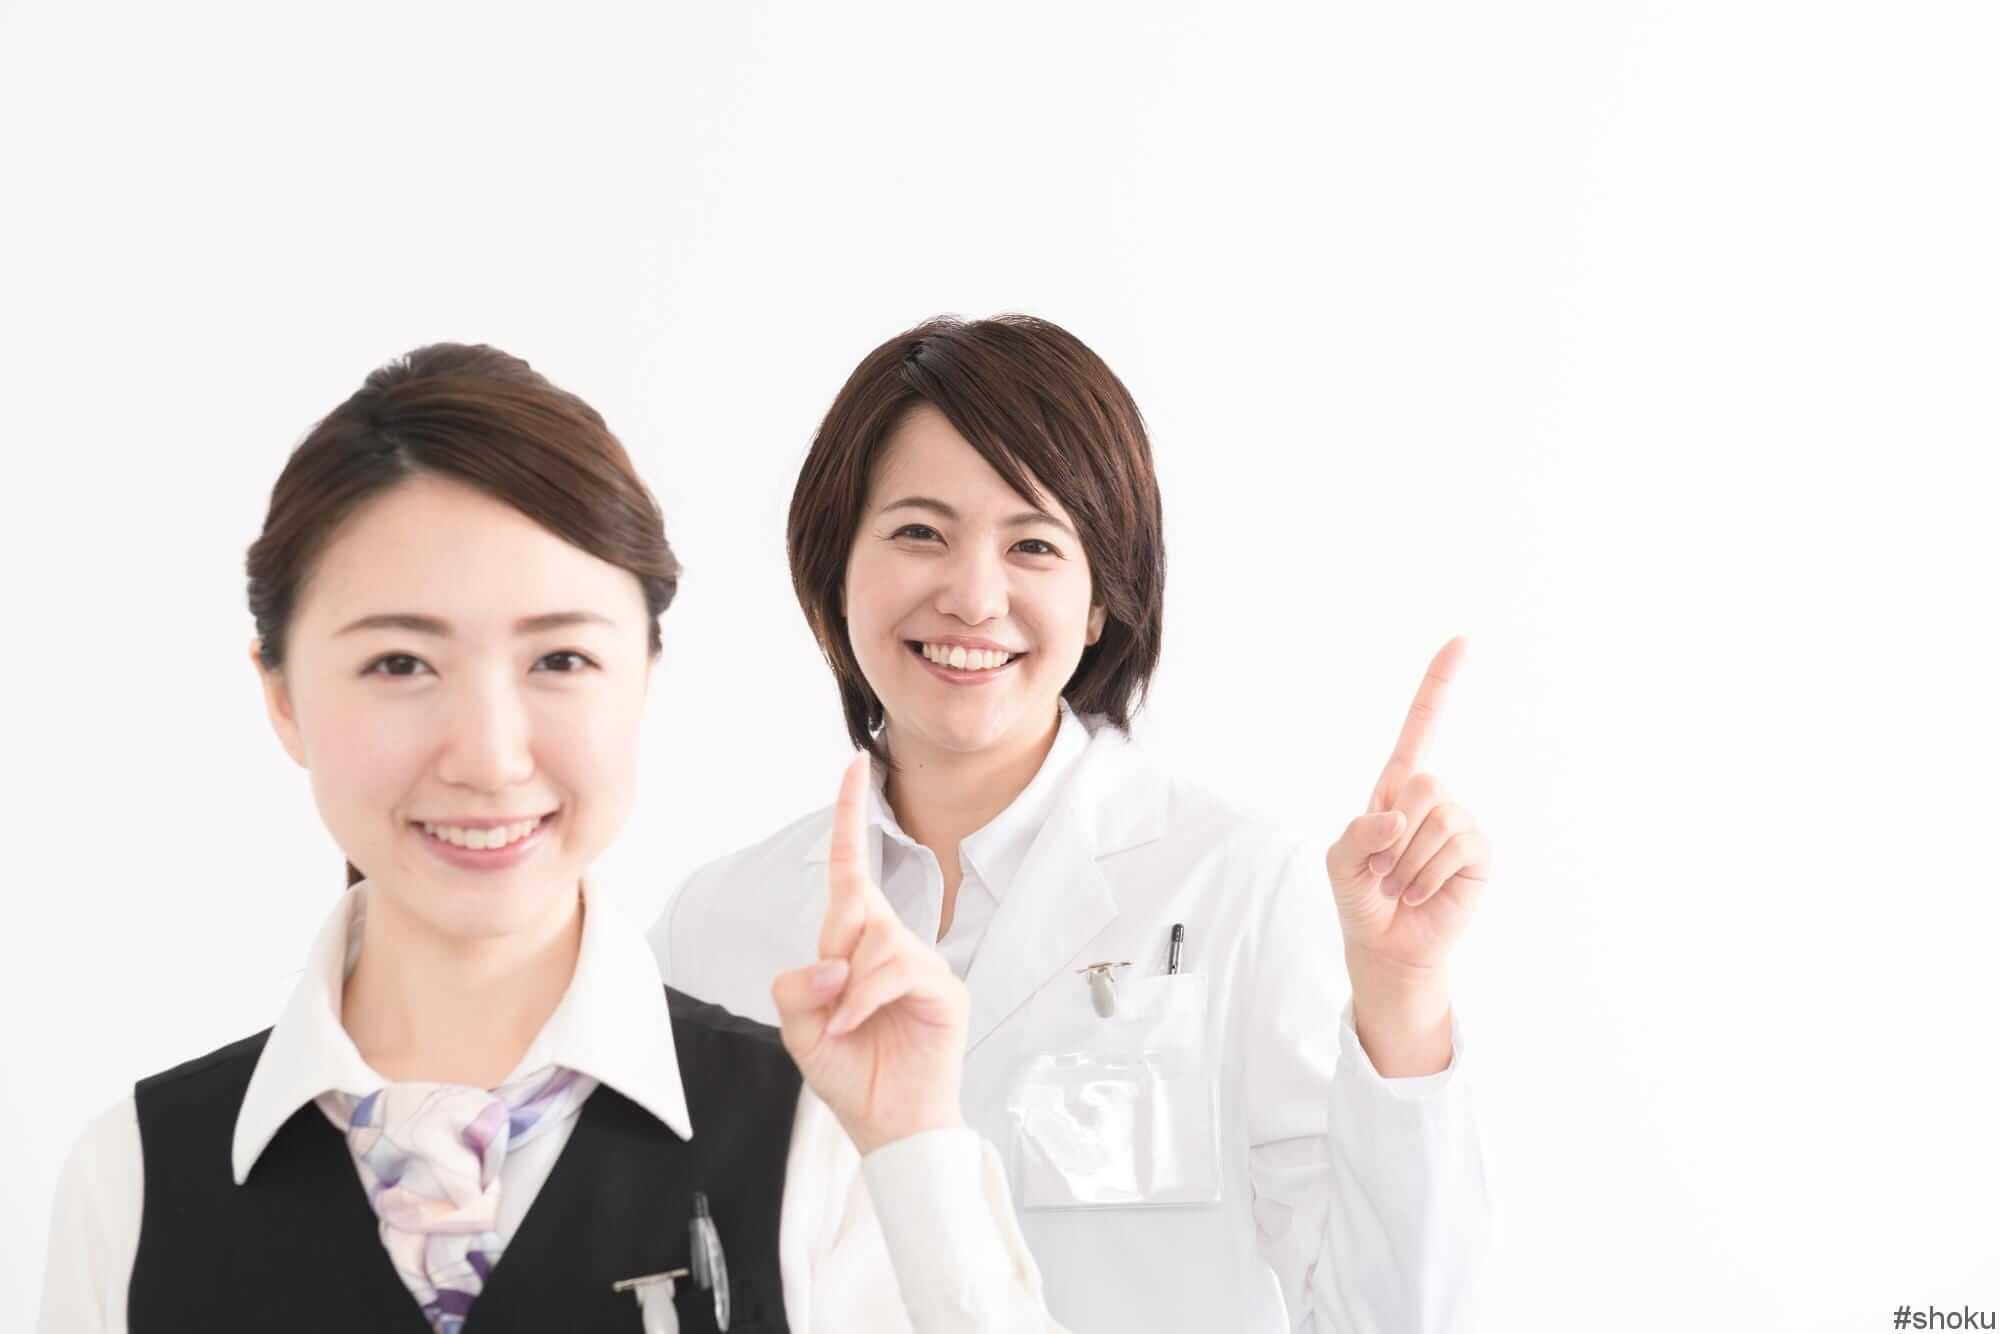 医療事務に適正のある人について話す女性